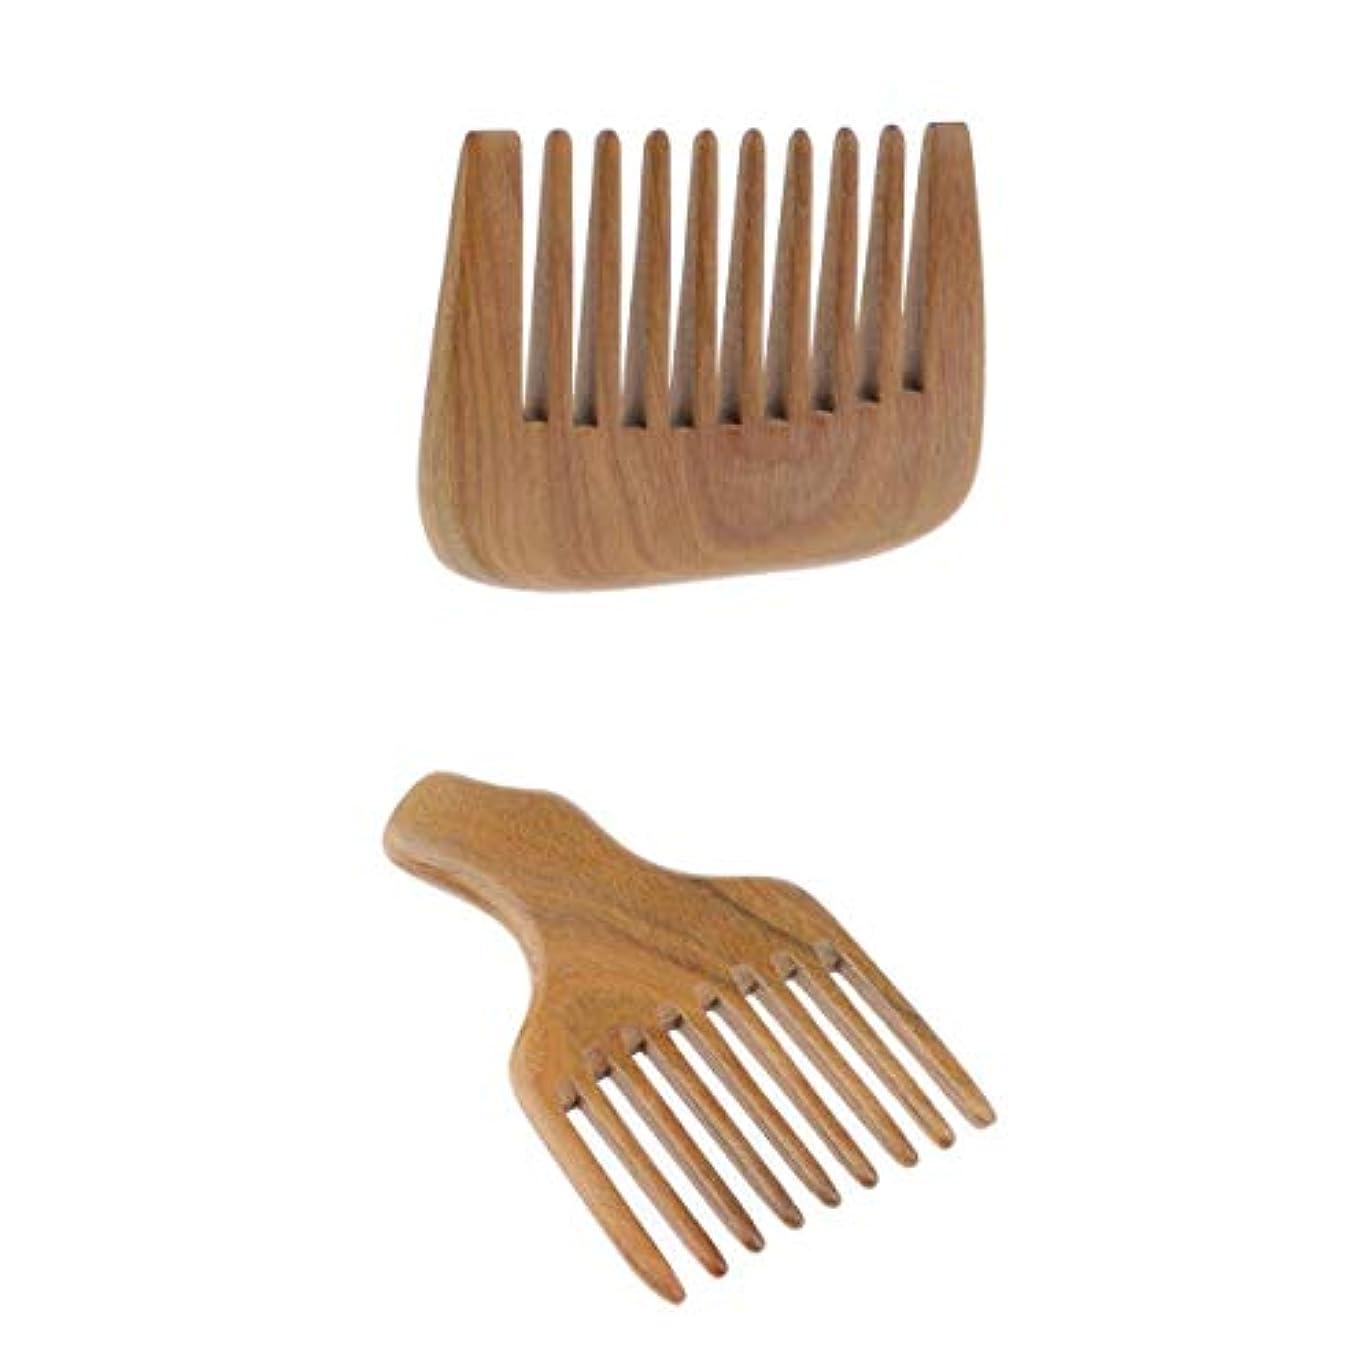 アウターヒットトムオードリース2個 ウッドコーム 歯櫛 ヘアブラシ アンチスタティック グリーン サンダルウッド 木製櫛 静電防止